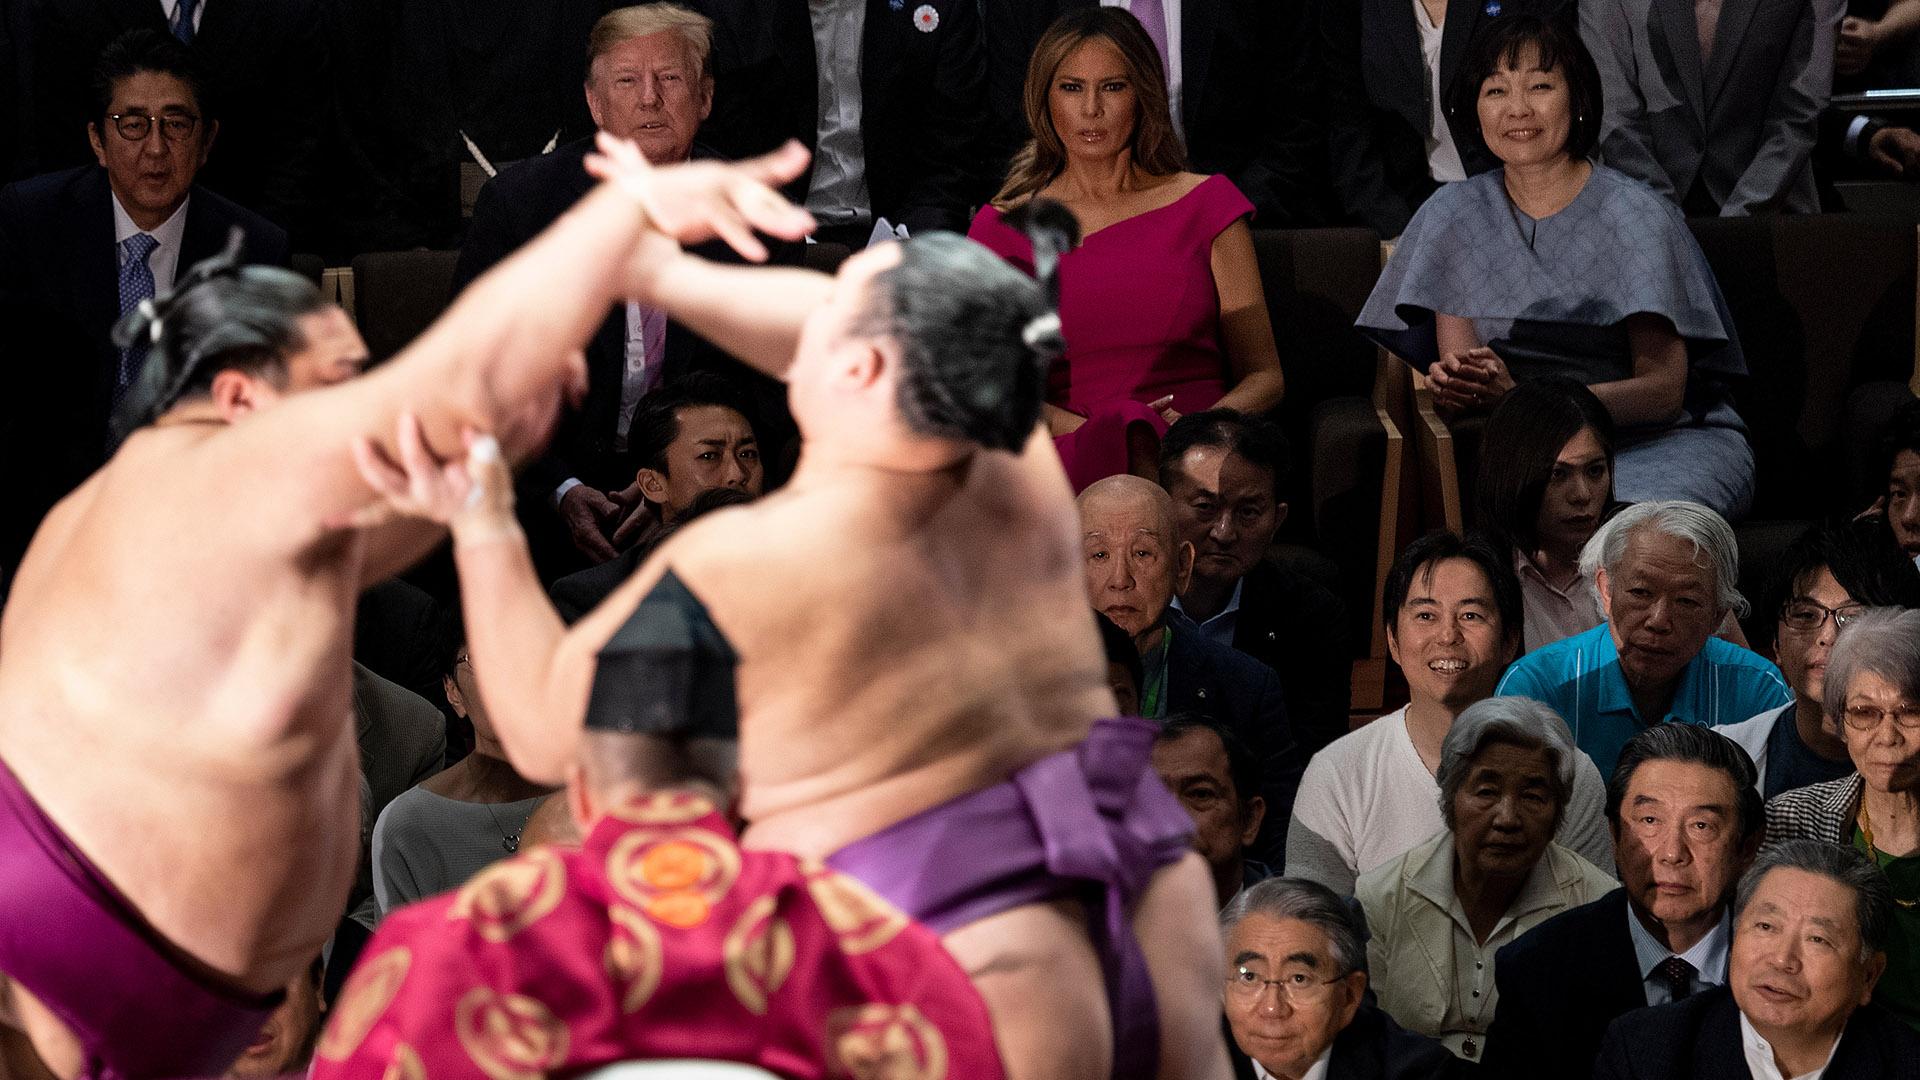 El primer luchador en tocar el suelo con alguna parte de su cuerpo a excepción de la planta de sus pies o salir del círculo queda eliminado